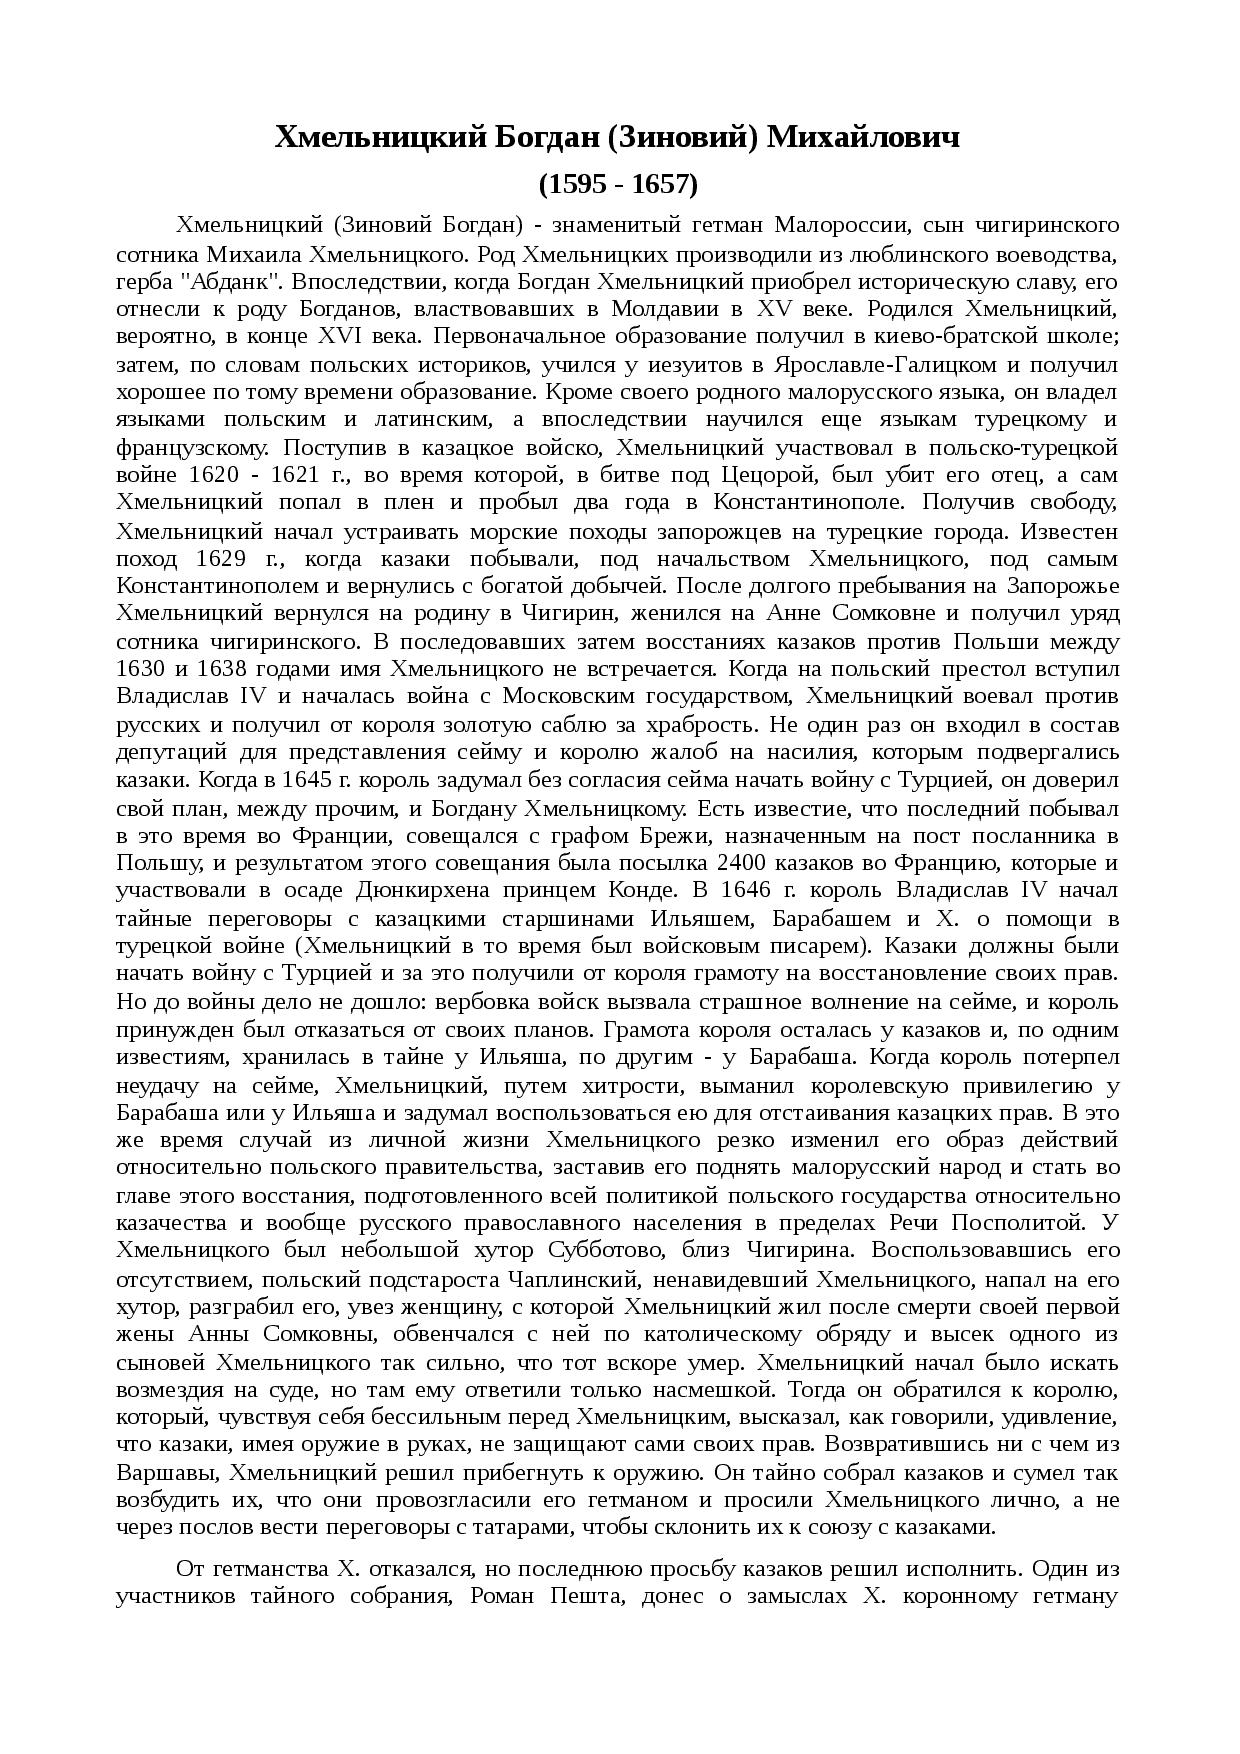 богдан хмельницкий восстание дата